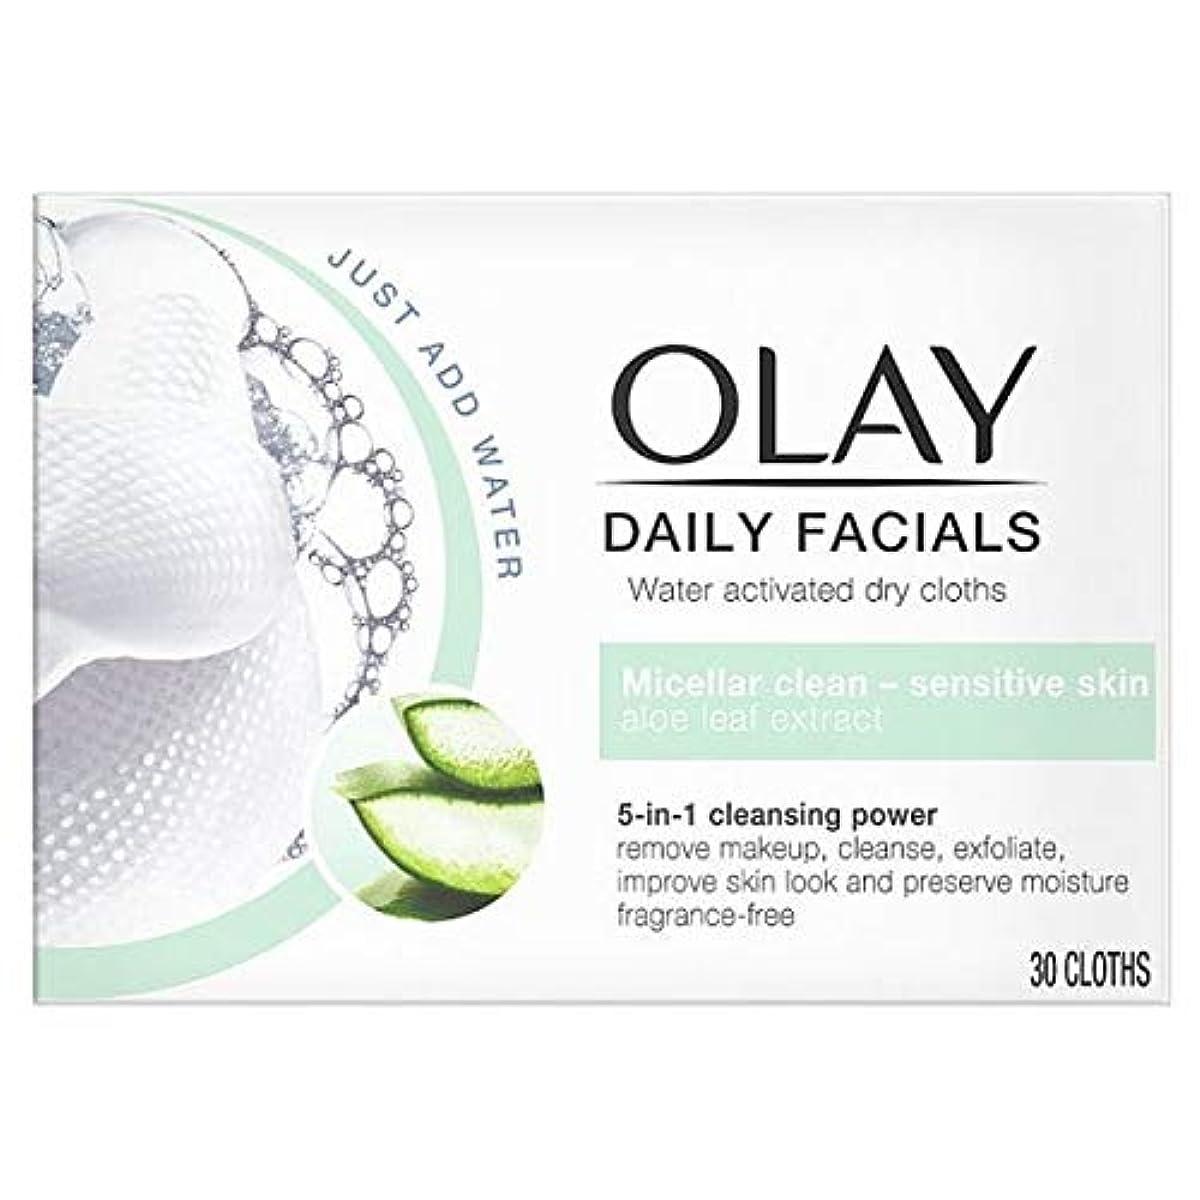 判読できない幸運な見捨てられた[Olay ] オーレイ毎日フェイシャル5-In1は乾燥布 - 敏感肌 - Olay Daily Facials 5-in1 Dry Cloths - Sensitive Skin [並行輸入品]